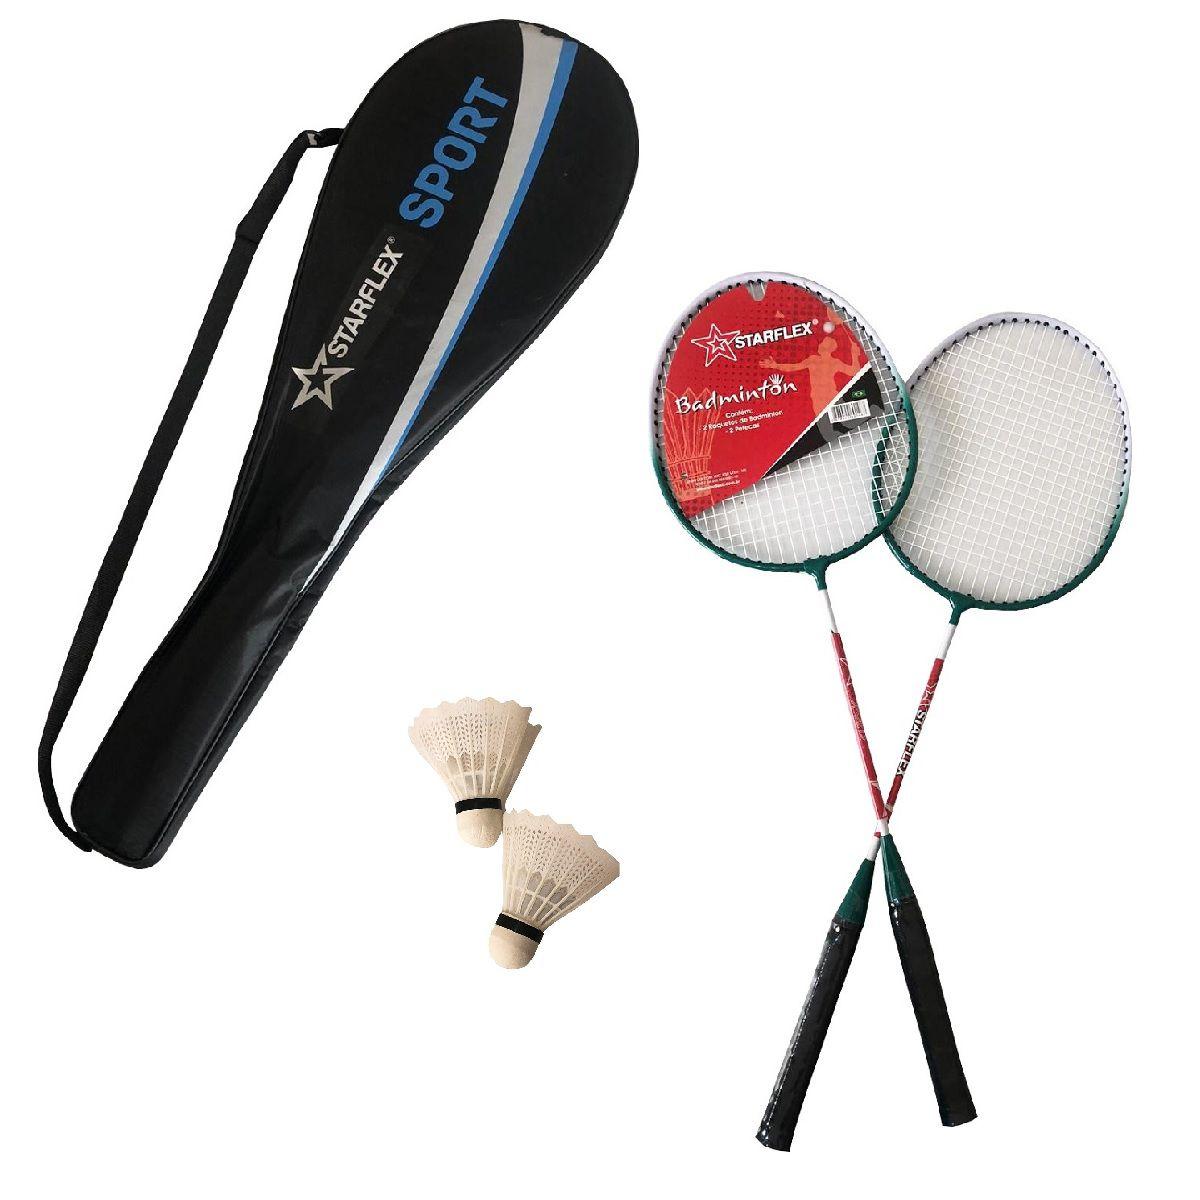 Kit Badminton Starflex 2 Raquetes e 2 Petecas com Raqueteira